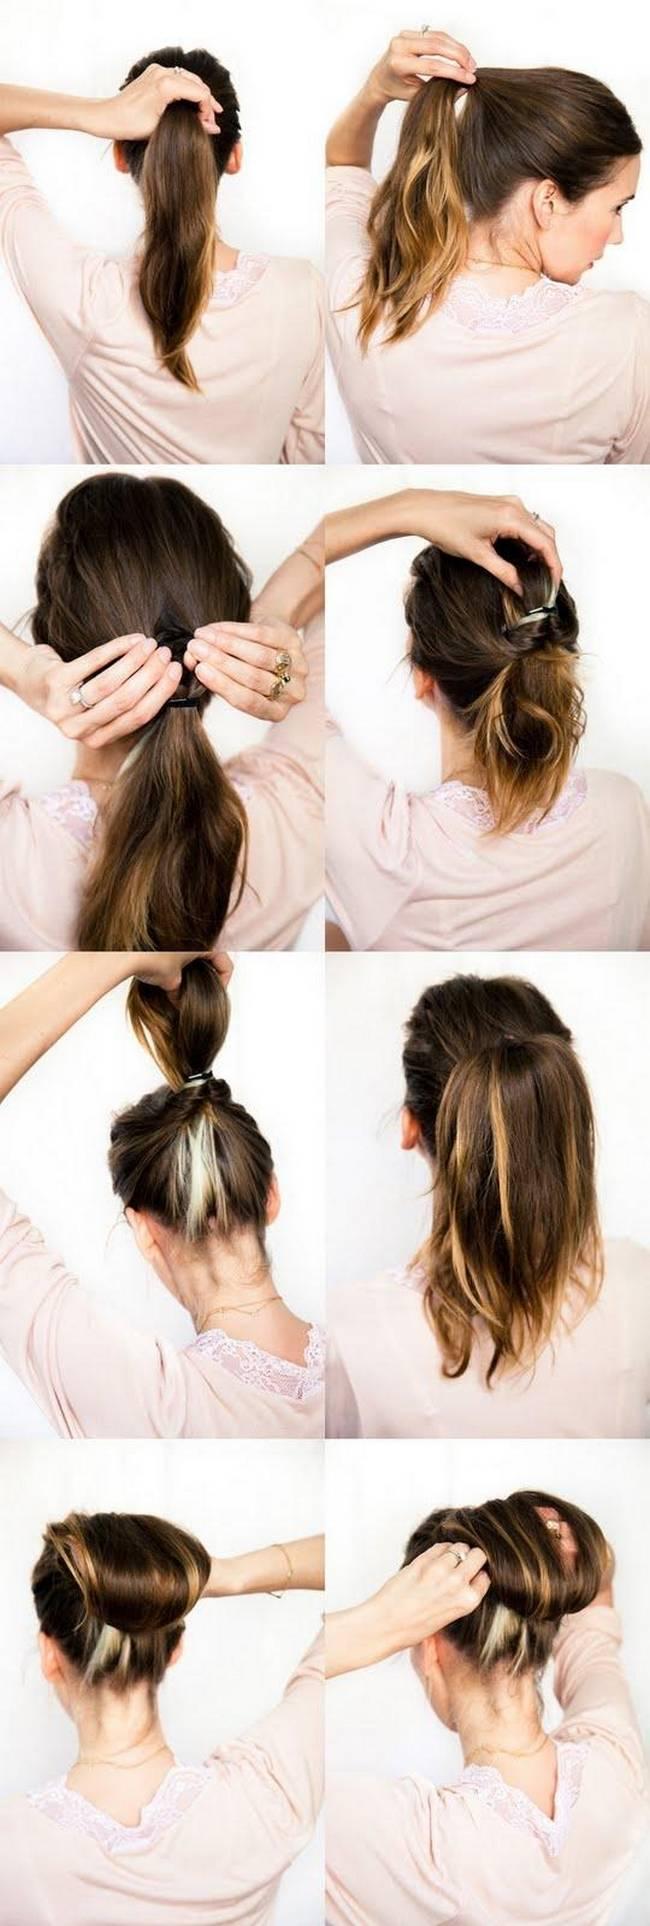 تسريحات لجميع انواع الشعر بالصور